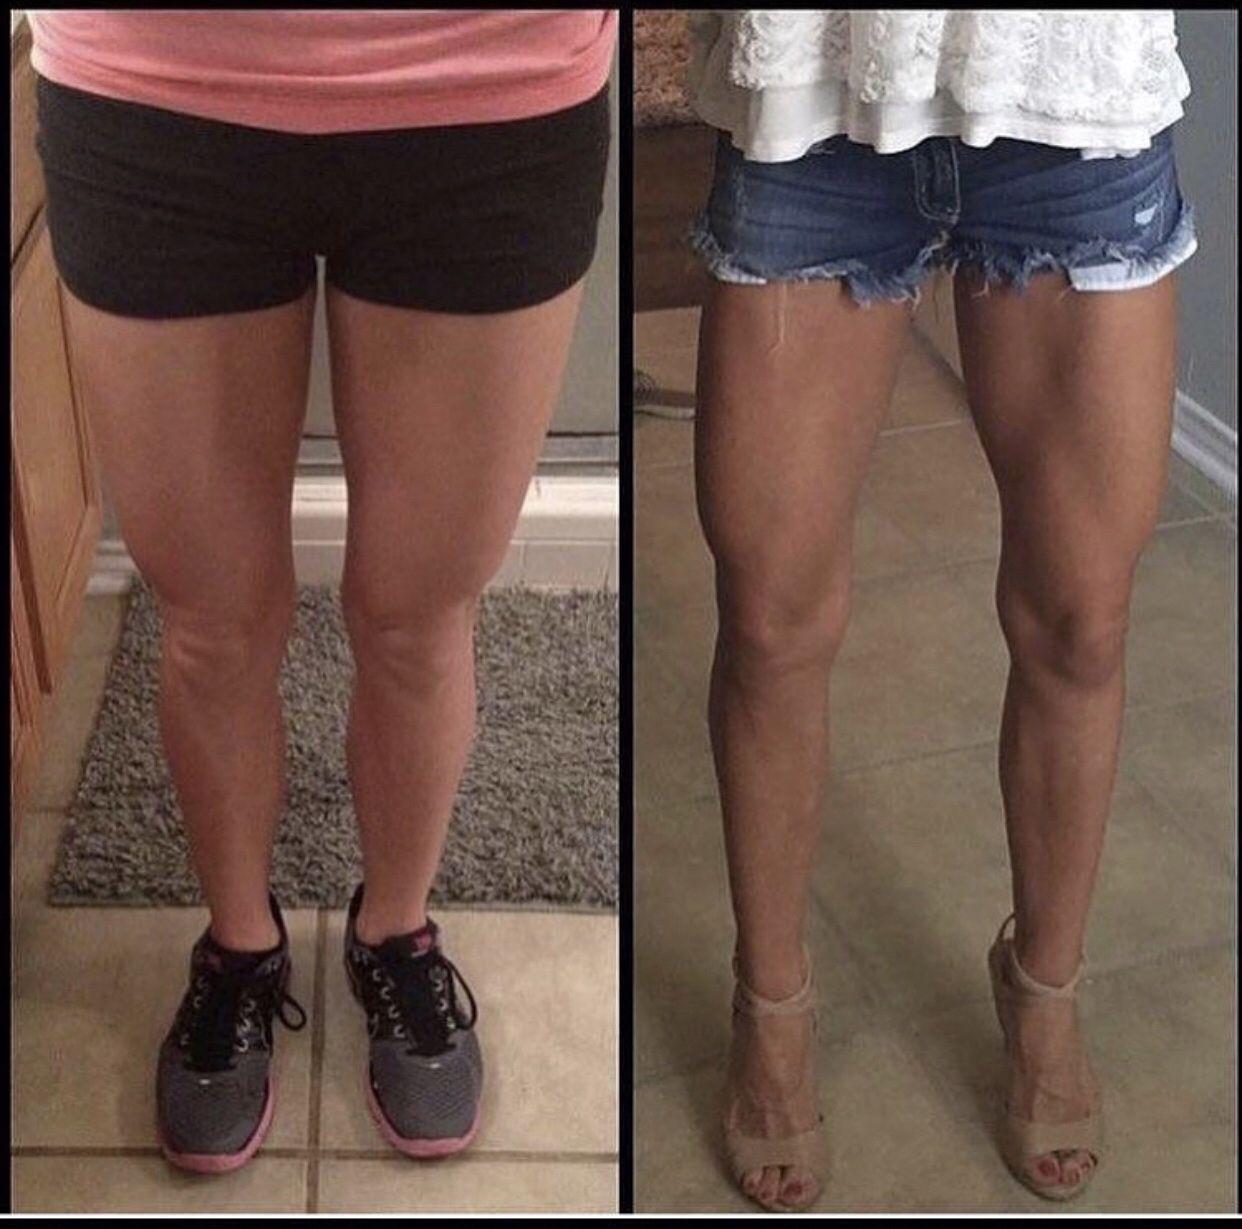 Что Бы Похудели Икры Ног. Как похудеть в икрах ног и добиться устойчивого результата?